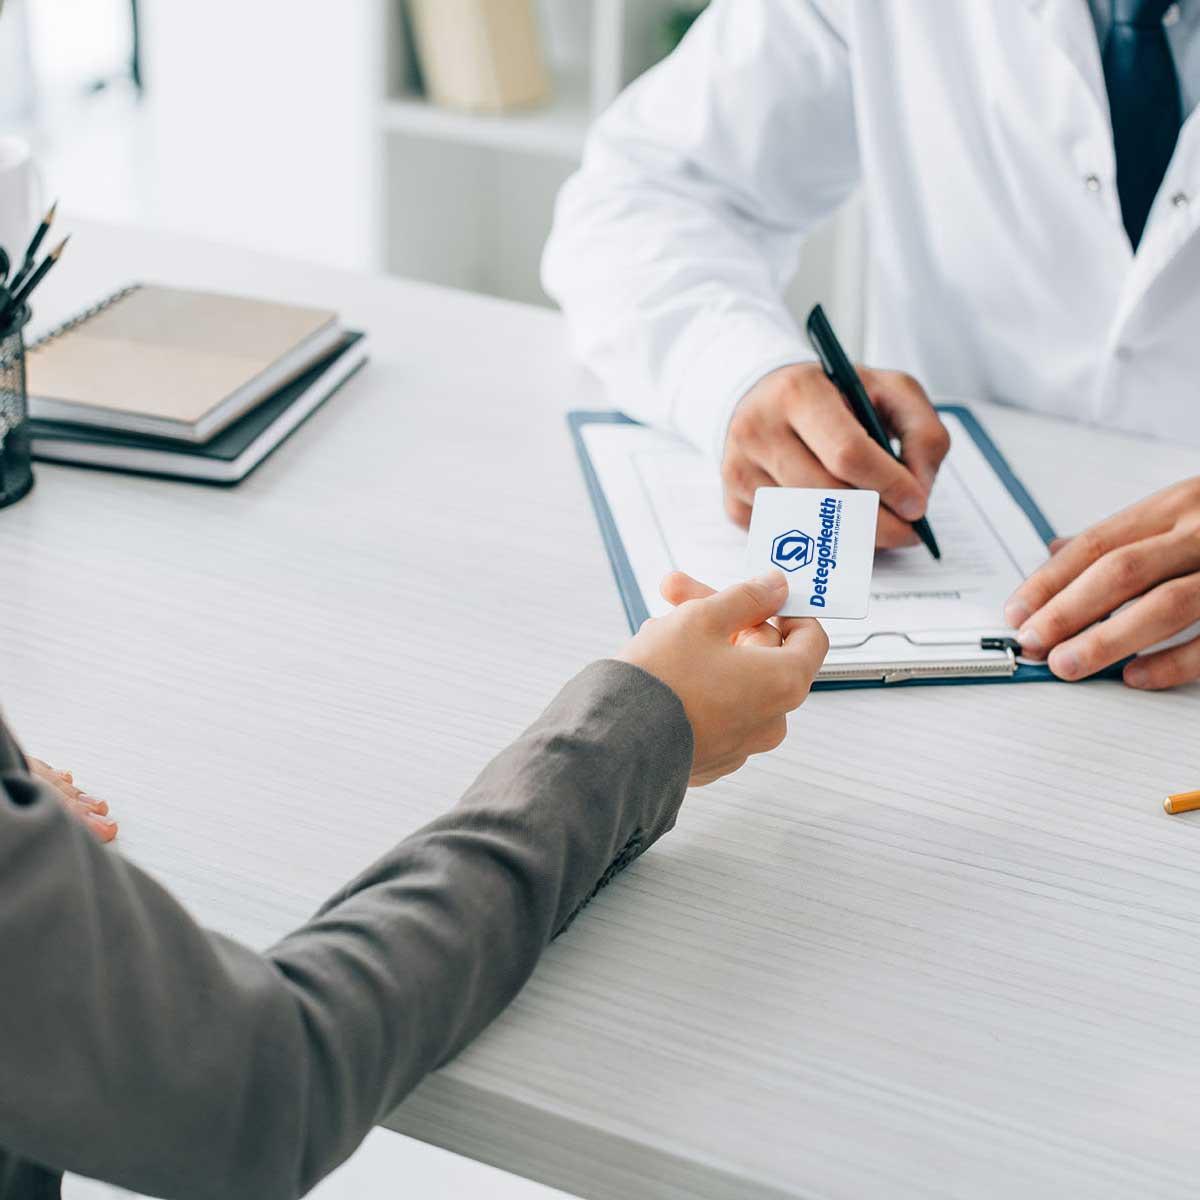 detego-health-insurance